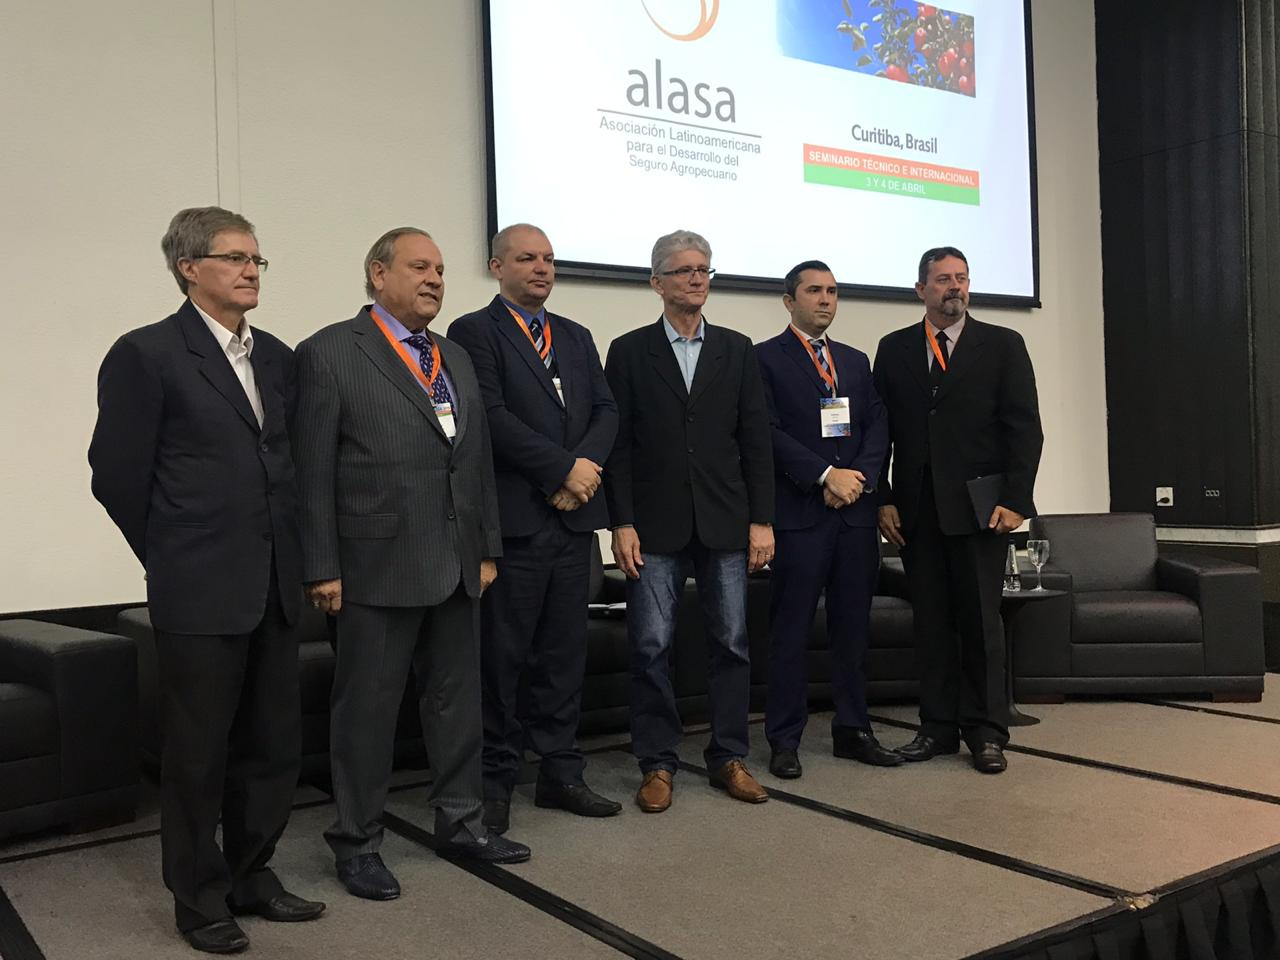 Alasa-Curitiba